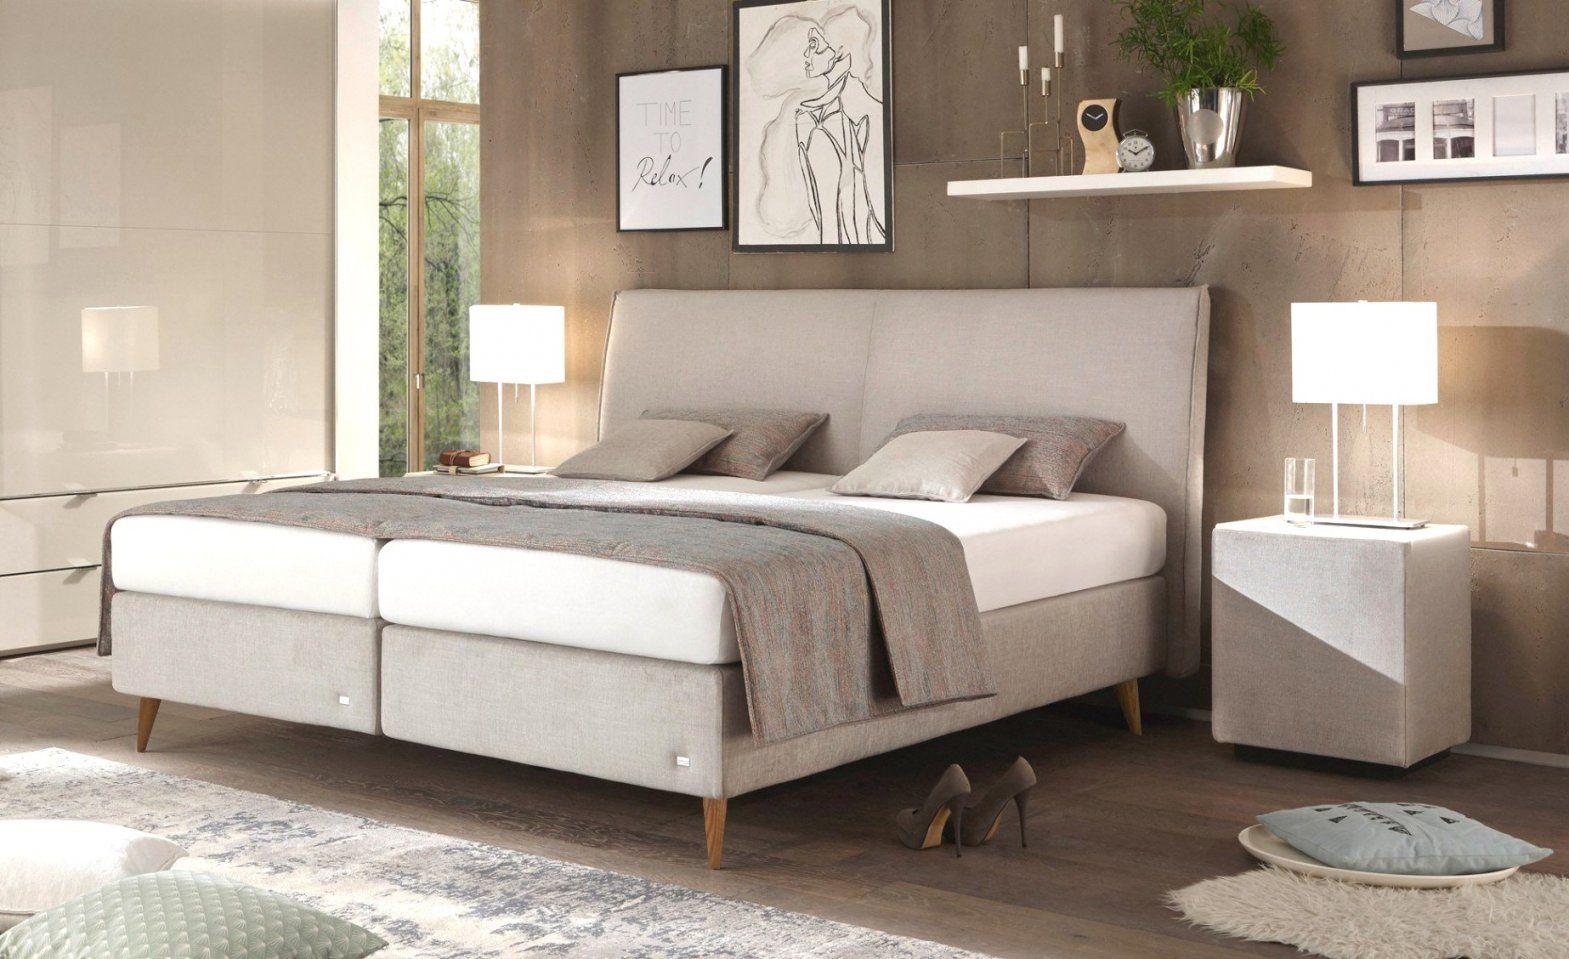 Schlafzimmer Mit Boxspringbett Hervorragend Neueste Herausragende von Boxspringbett Ruf Verena Bild